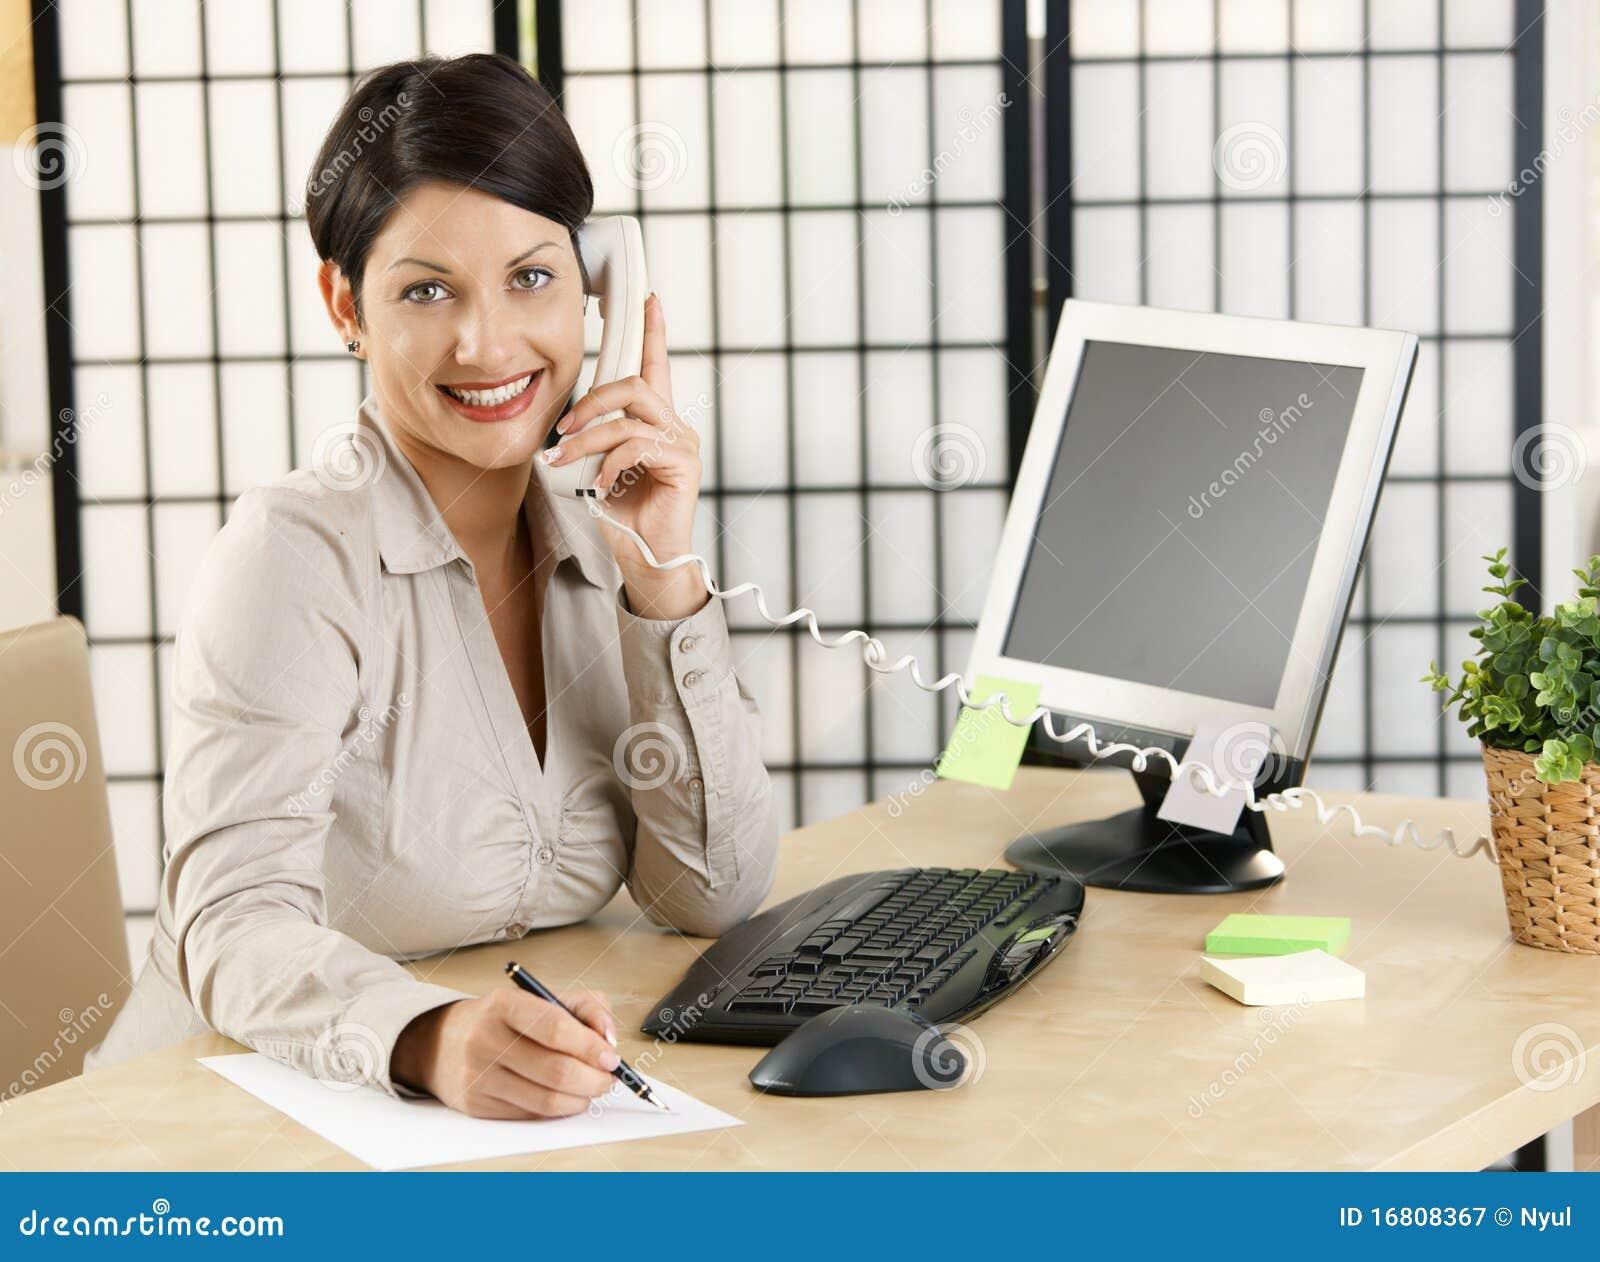 Случай с секретаршей в офисе 25 фотография